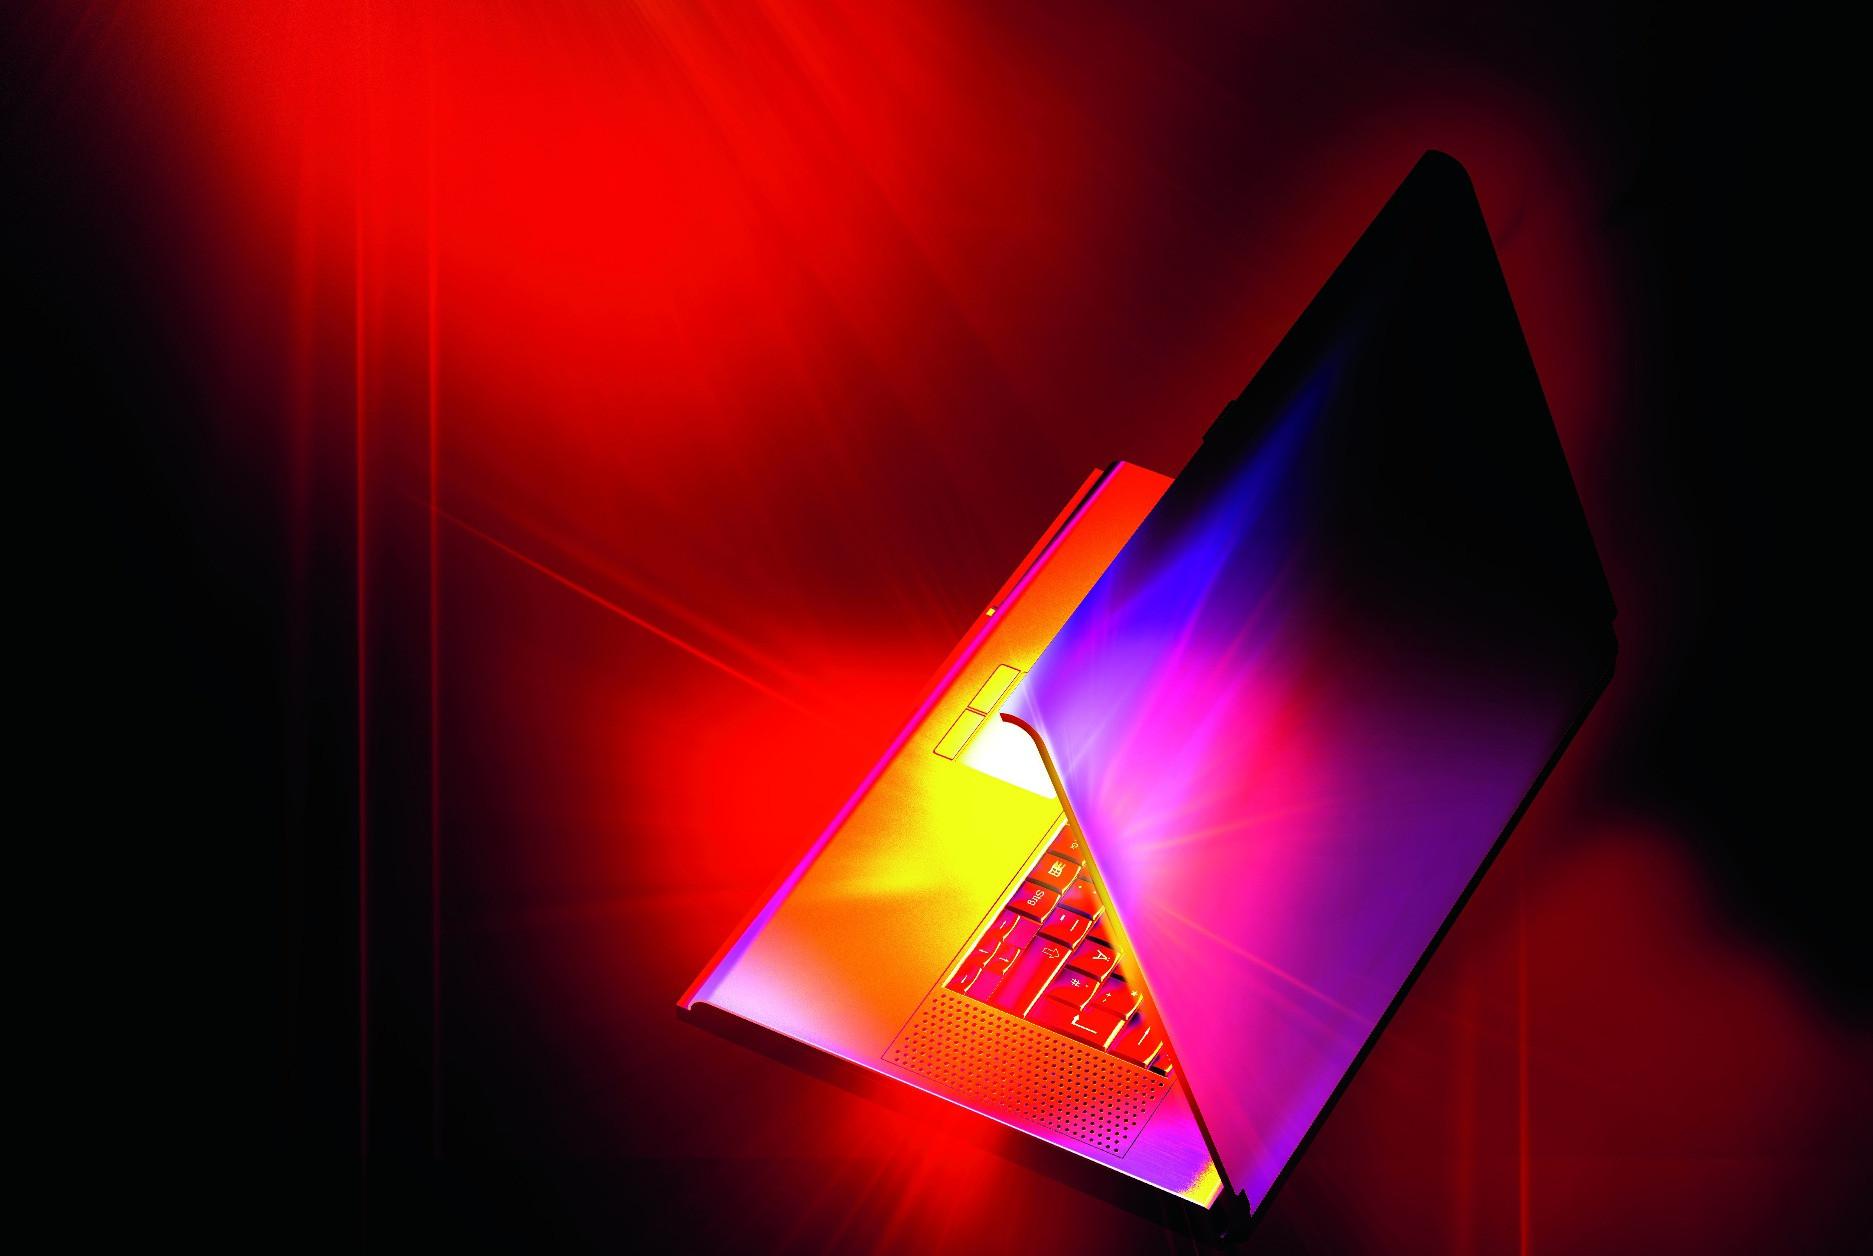 Überhitzung vorbeugen: PC, Smartphone & Co. in der Sommerhitze kühl halten